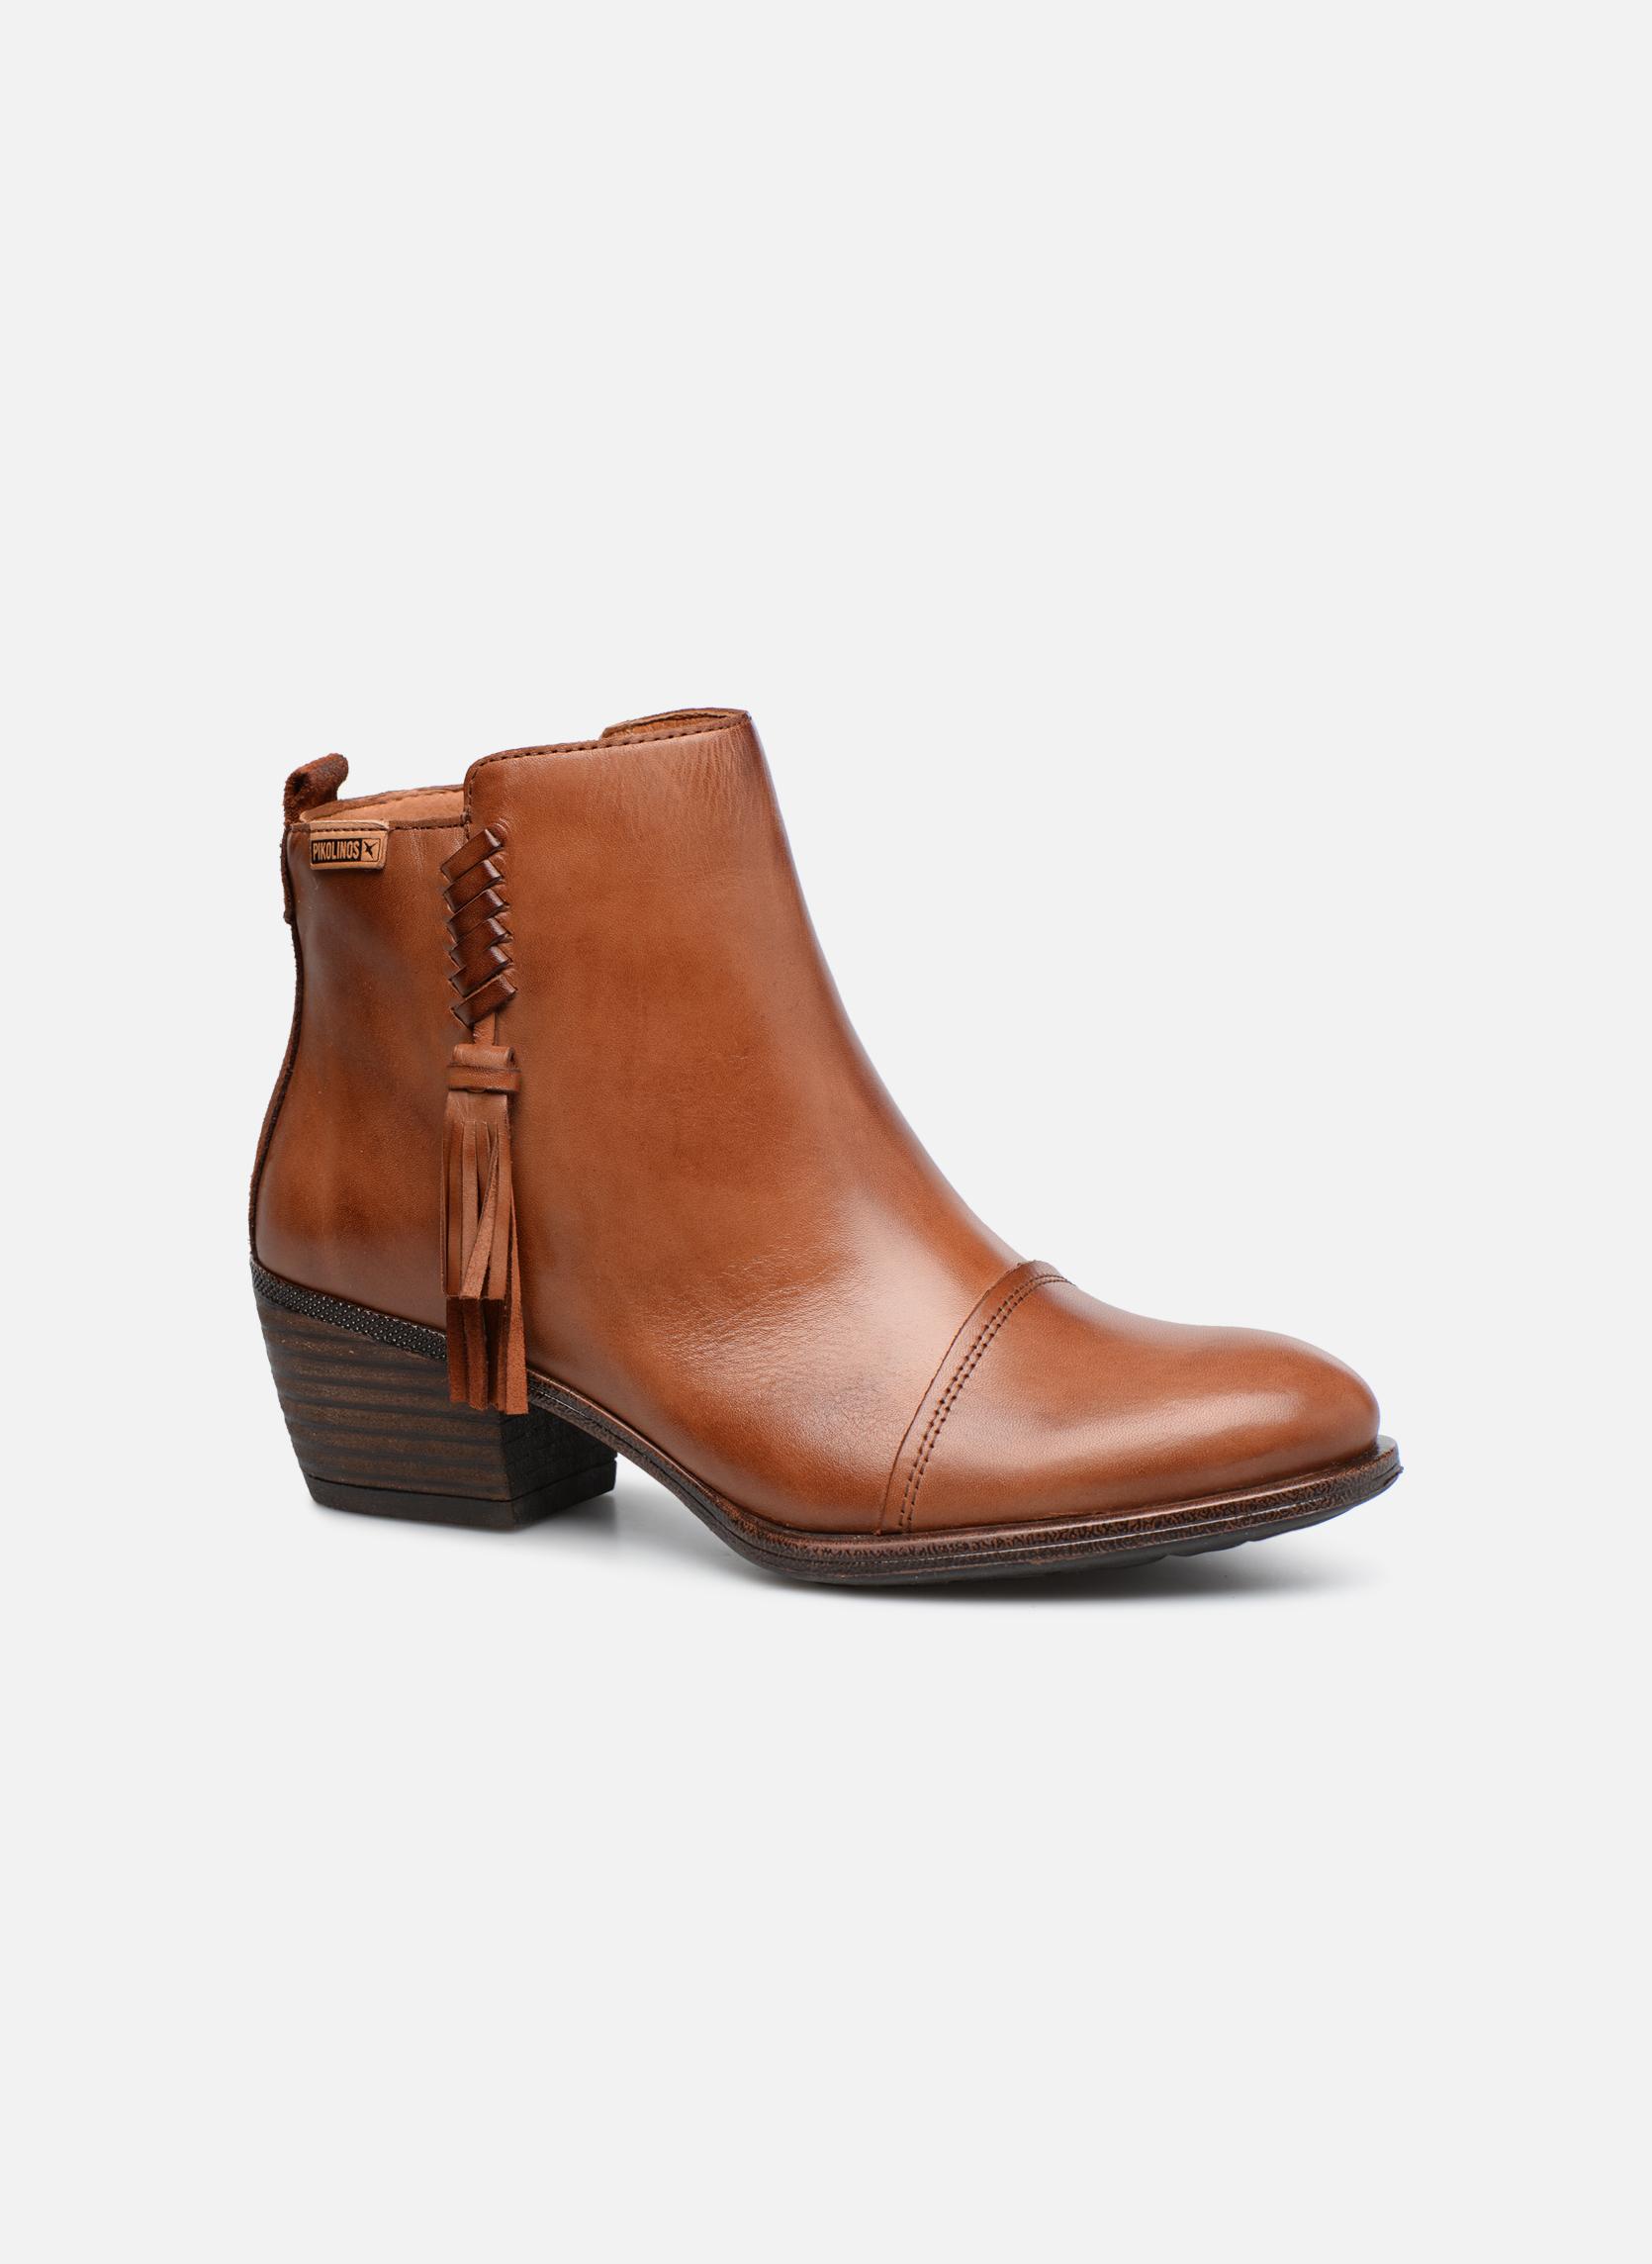 Grandes descuentos últimos zapatos Pikolinos Baqueira W9M-8941 (Marrón) - Botines  Descuento